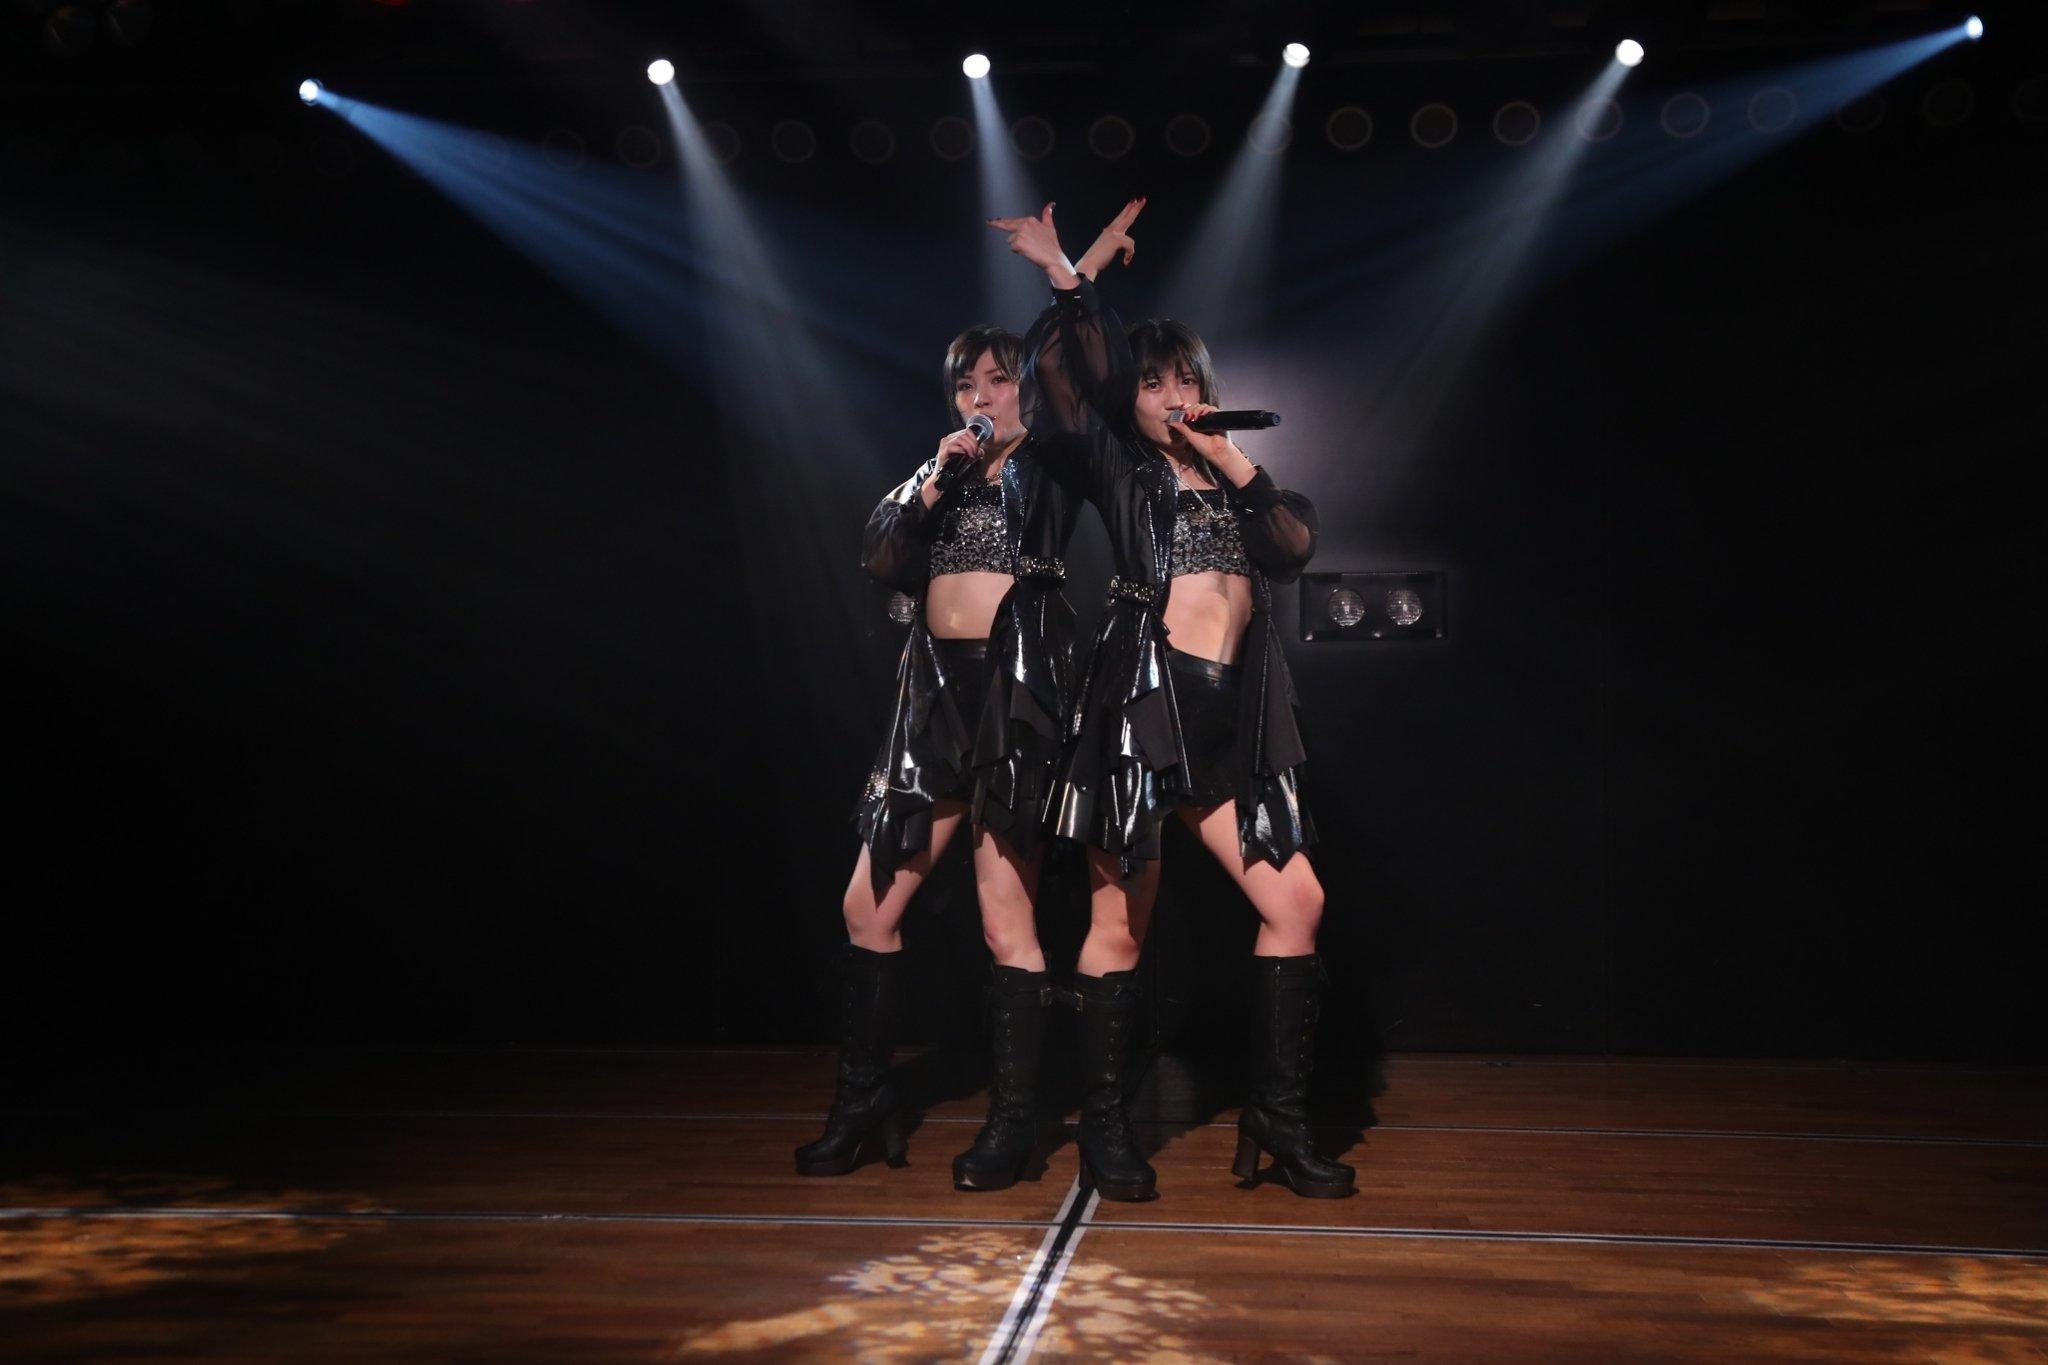 柏木由紀がセットリストを考案!AKB48新公演「僕の夏が始まる」が開幕【写真9枚】の画像004